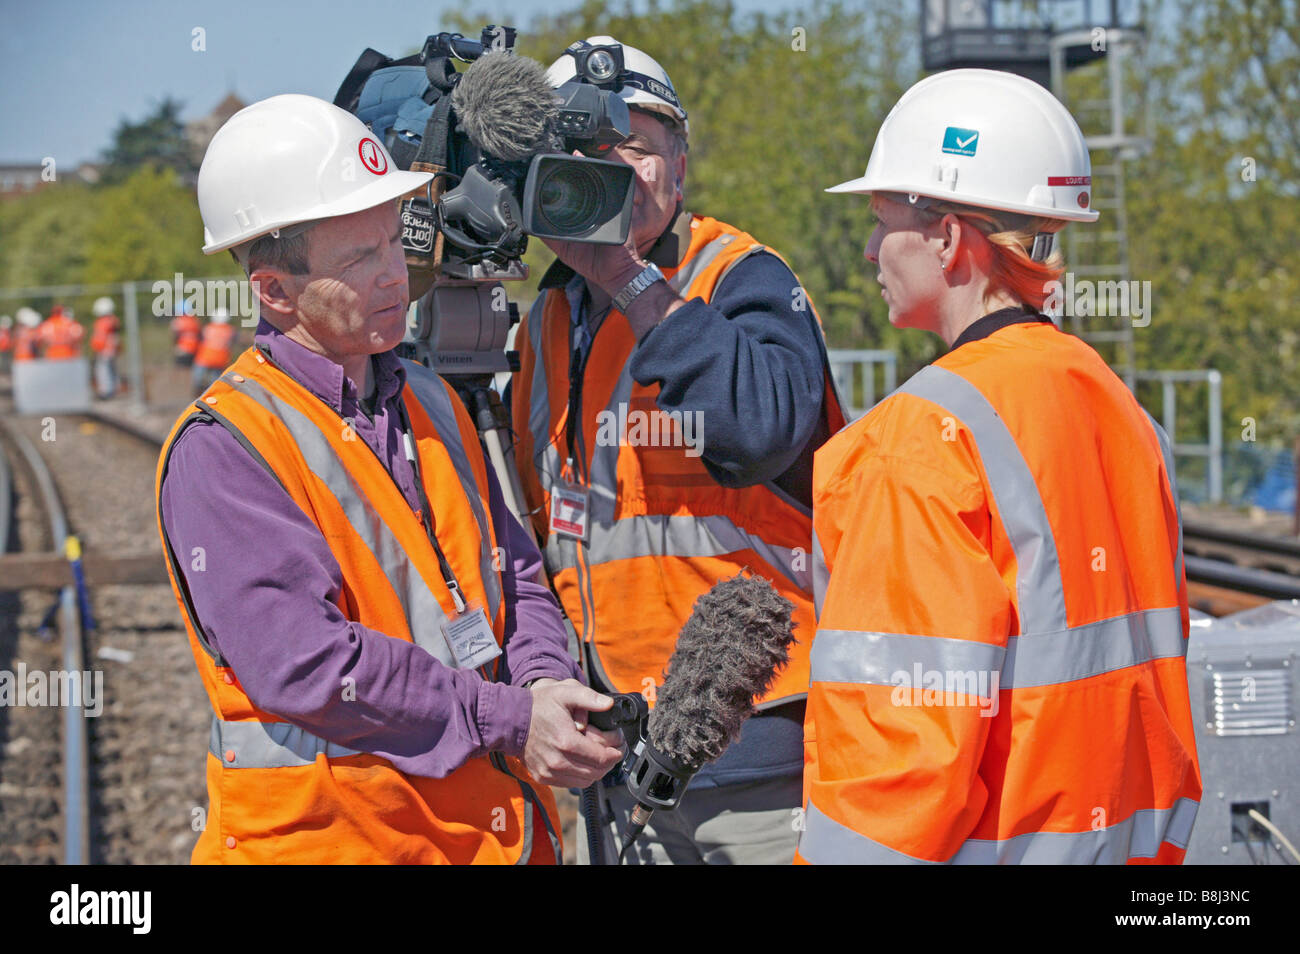 Entrevistada ingeniero in situ por un equipo de televisión durante un evento importante de construcción en el enlace ferroviario del Túnel del Canal. Foto de stock